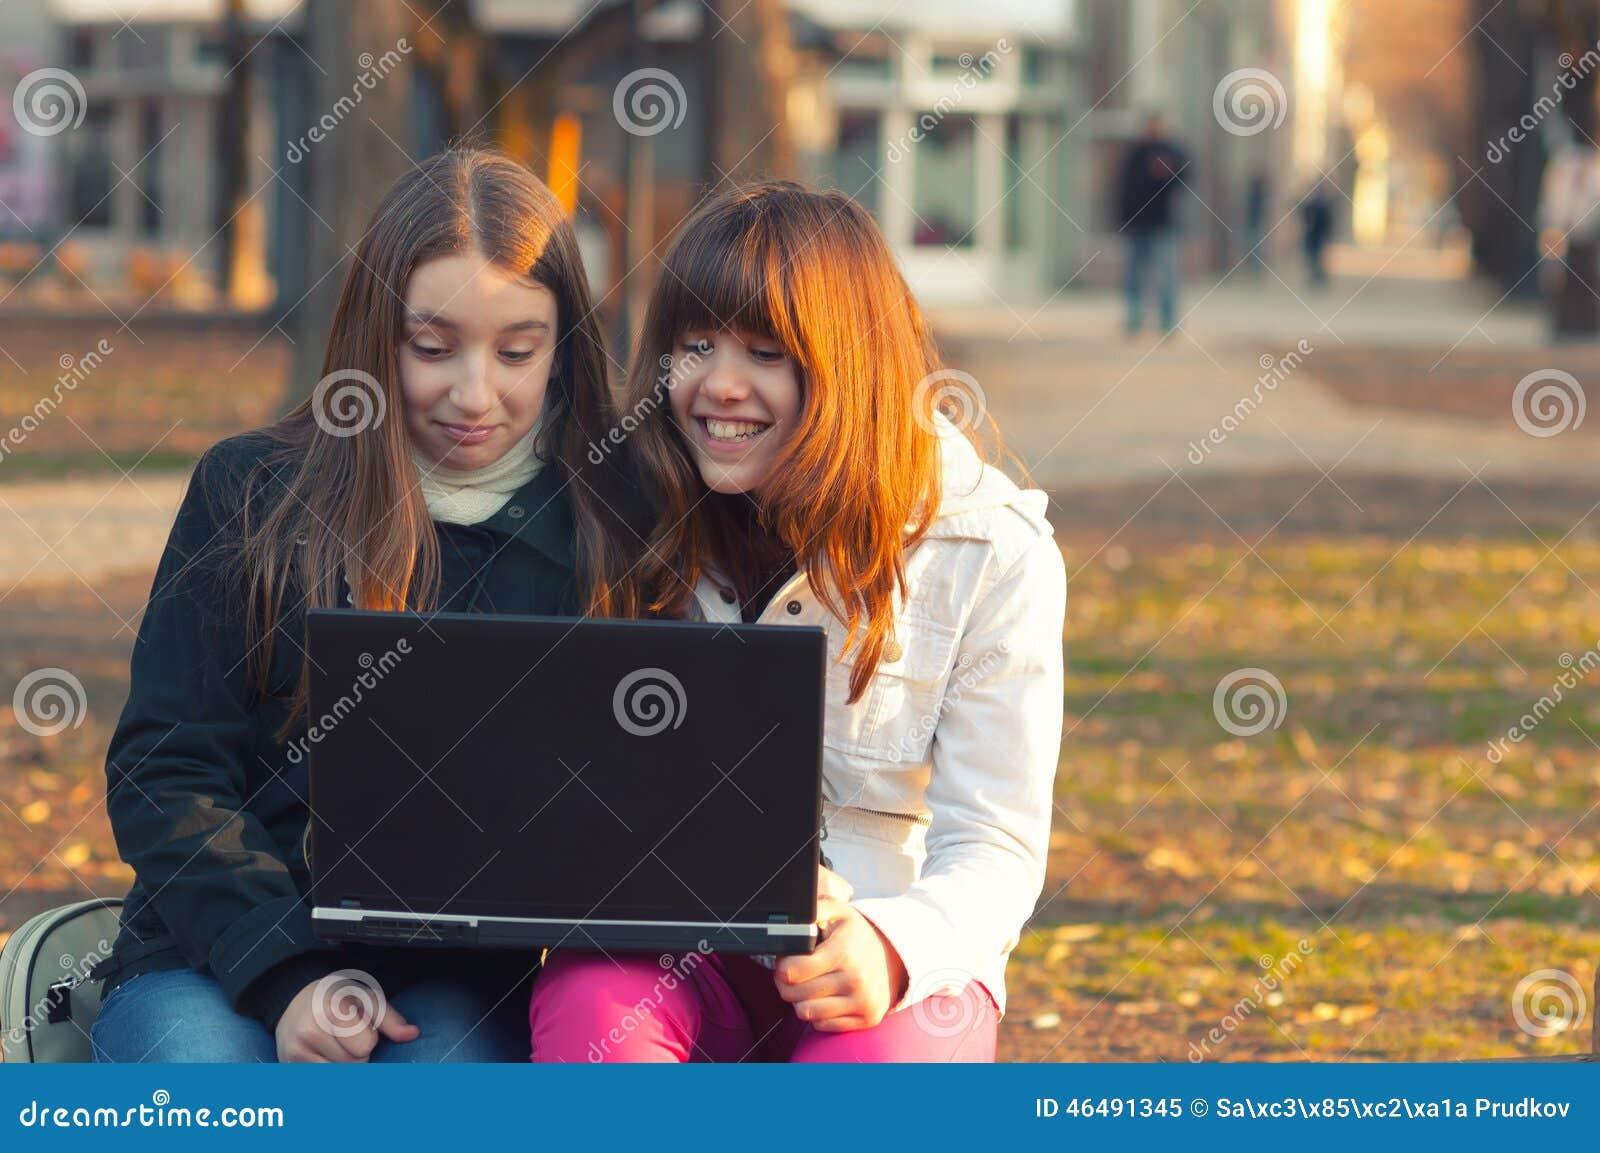 两个美丽的十几岁的女孩获得与笔记本的乐趣在公园